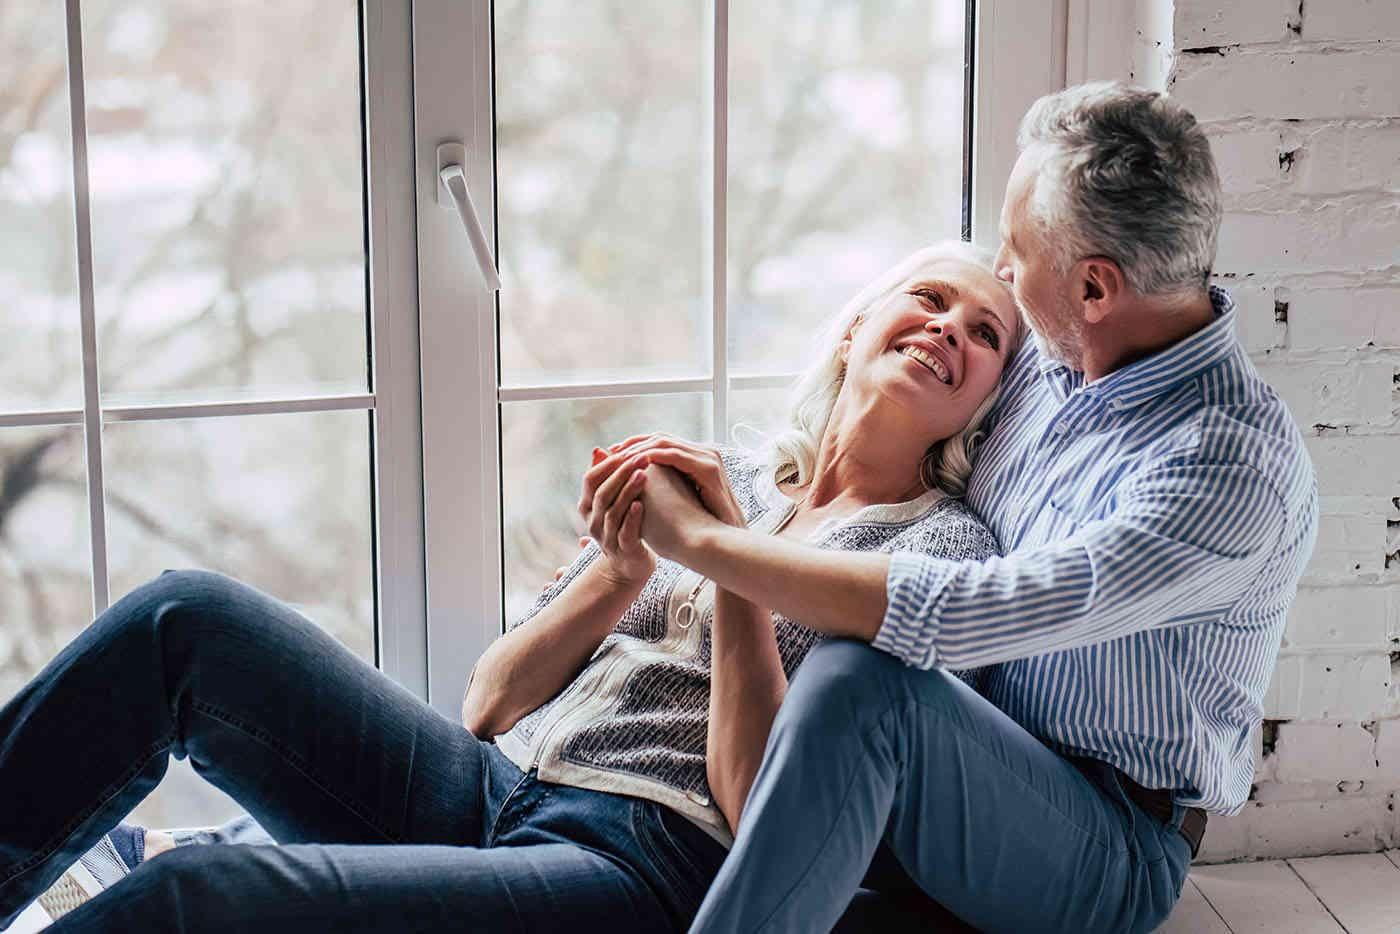 Îmbrățișările cresc rezistența căsniciei [studiu]